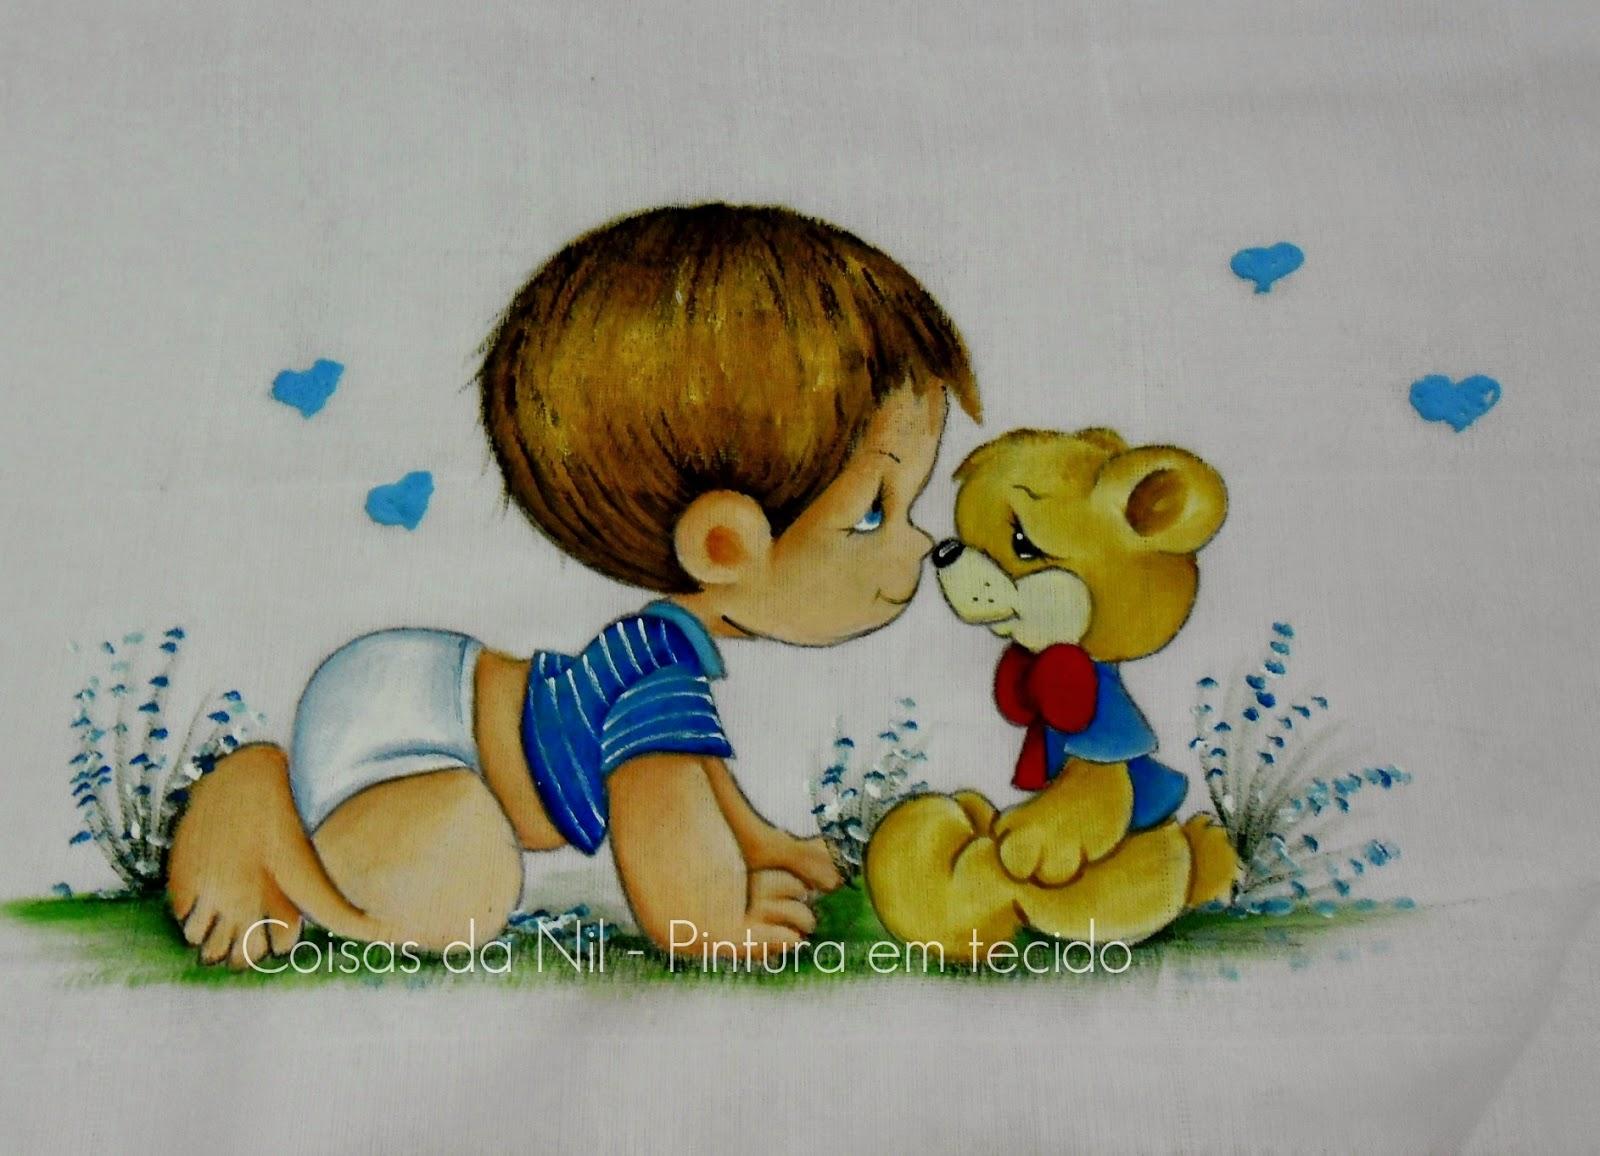 fralda pintada com menino da turma dos Preciosos Momentos e ursinho